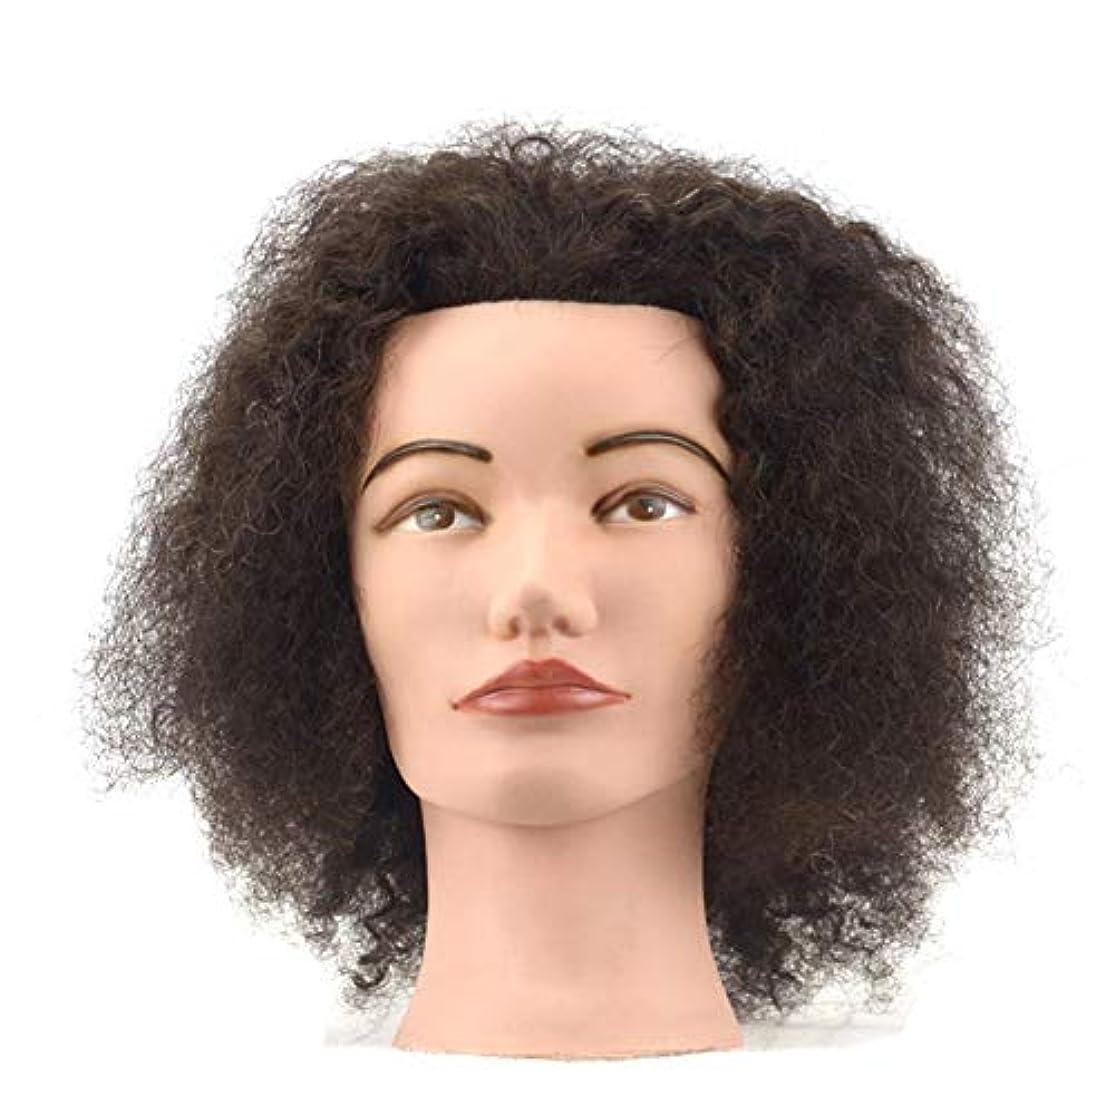 自己閲覧する軍団ナチュラルブラック爆発カーリーヘッド型リアル人間の髪の毛トレーニングモデルヘッド編組編組演習ダミーヘッド